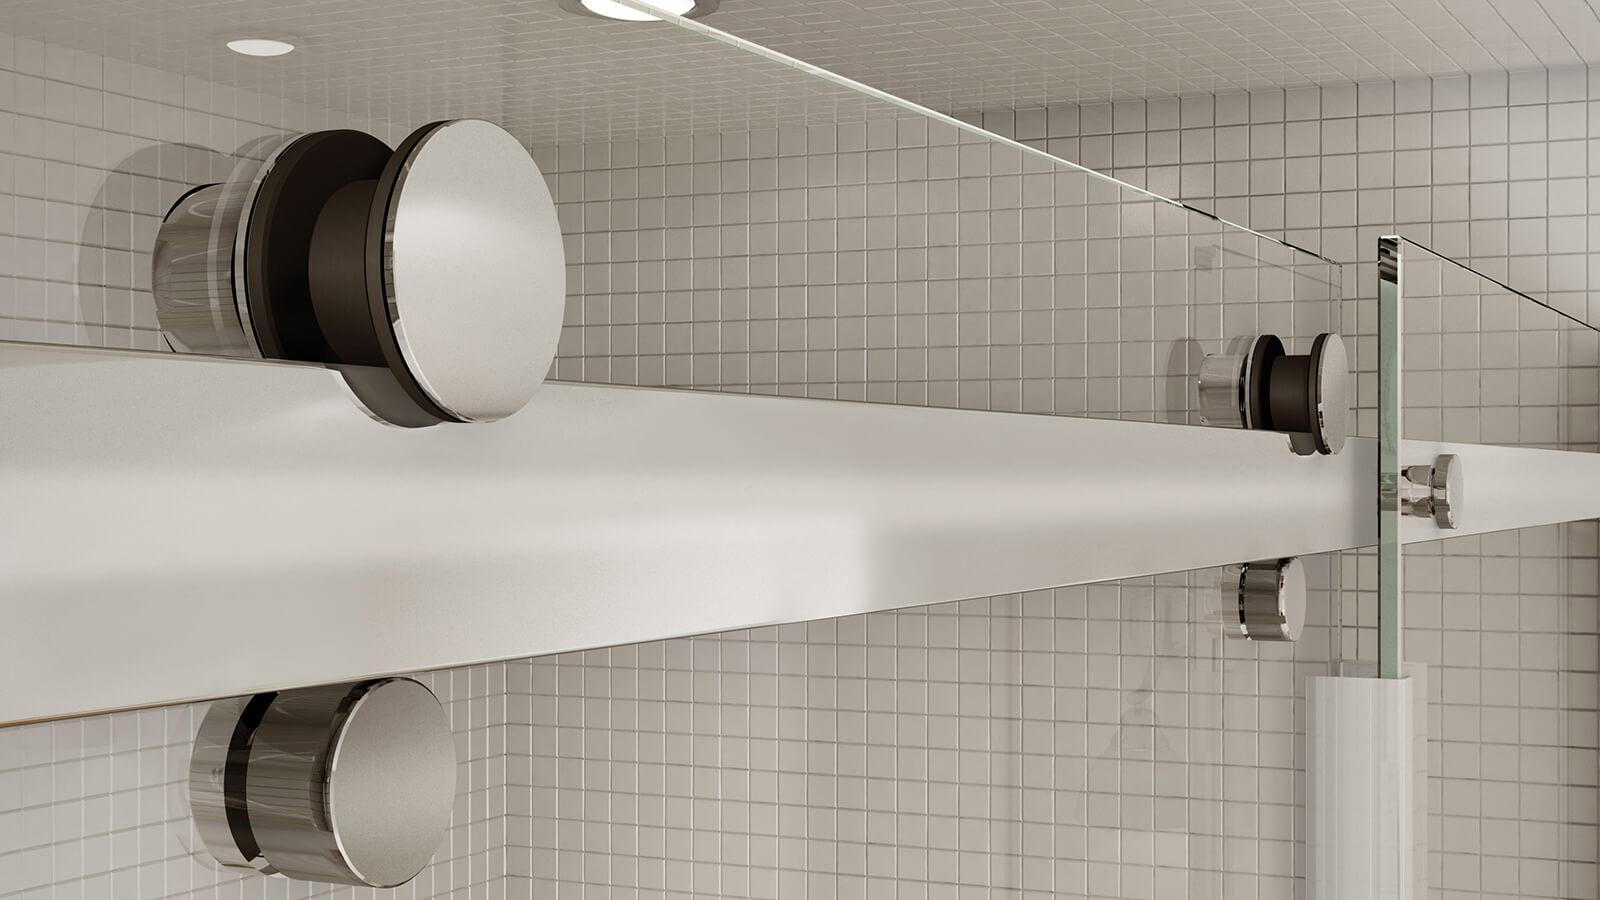 Halo shower & tub door